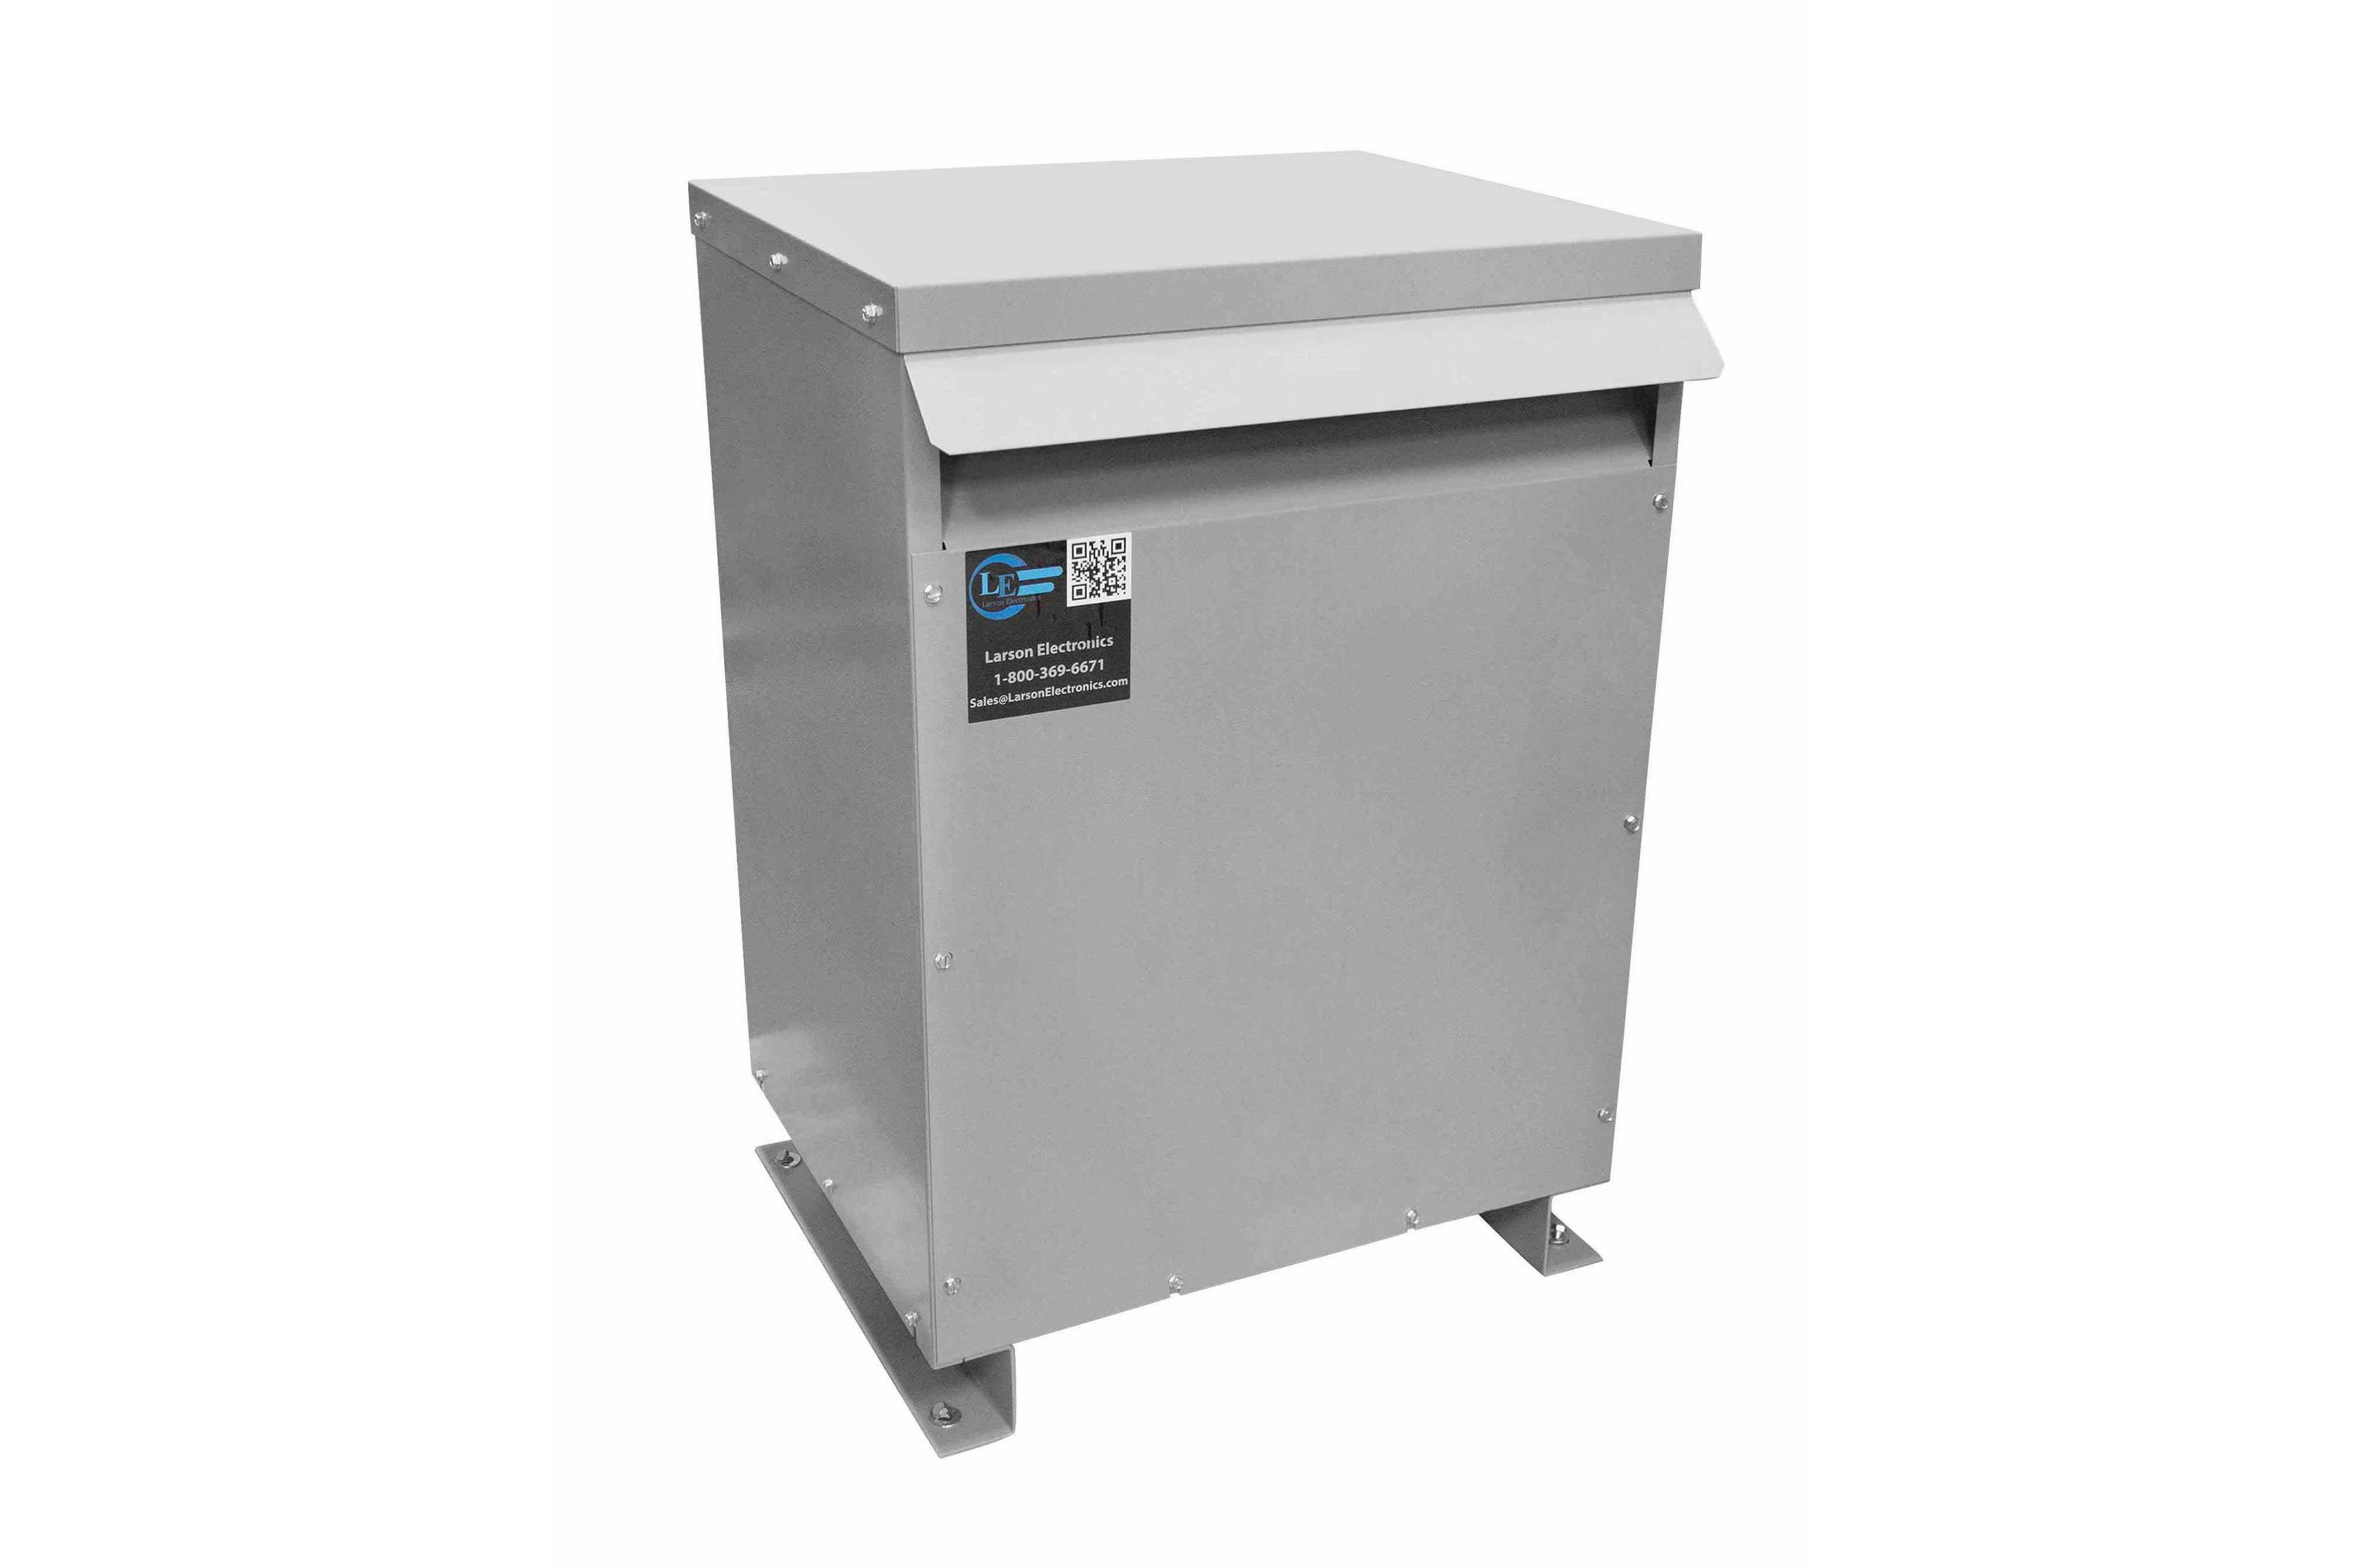 125 kVA 3PH Isolation Transformer, 460V Delta Primary, 600V Delta Secondary, N3R, Ventilated, 60 Hz